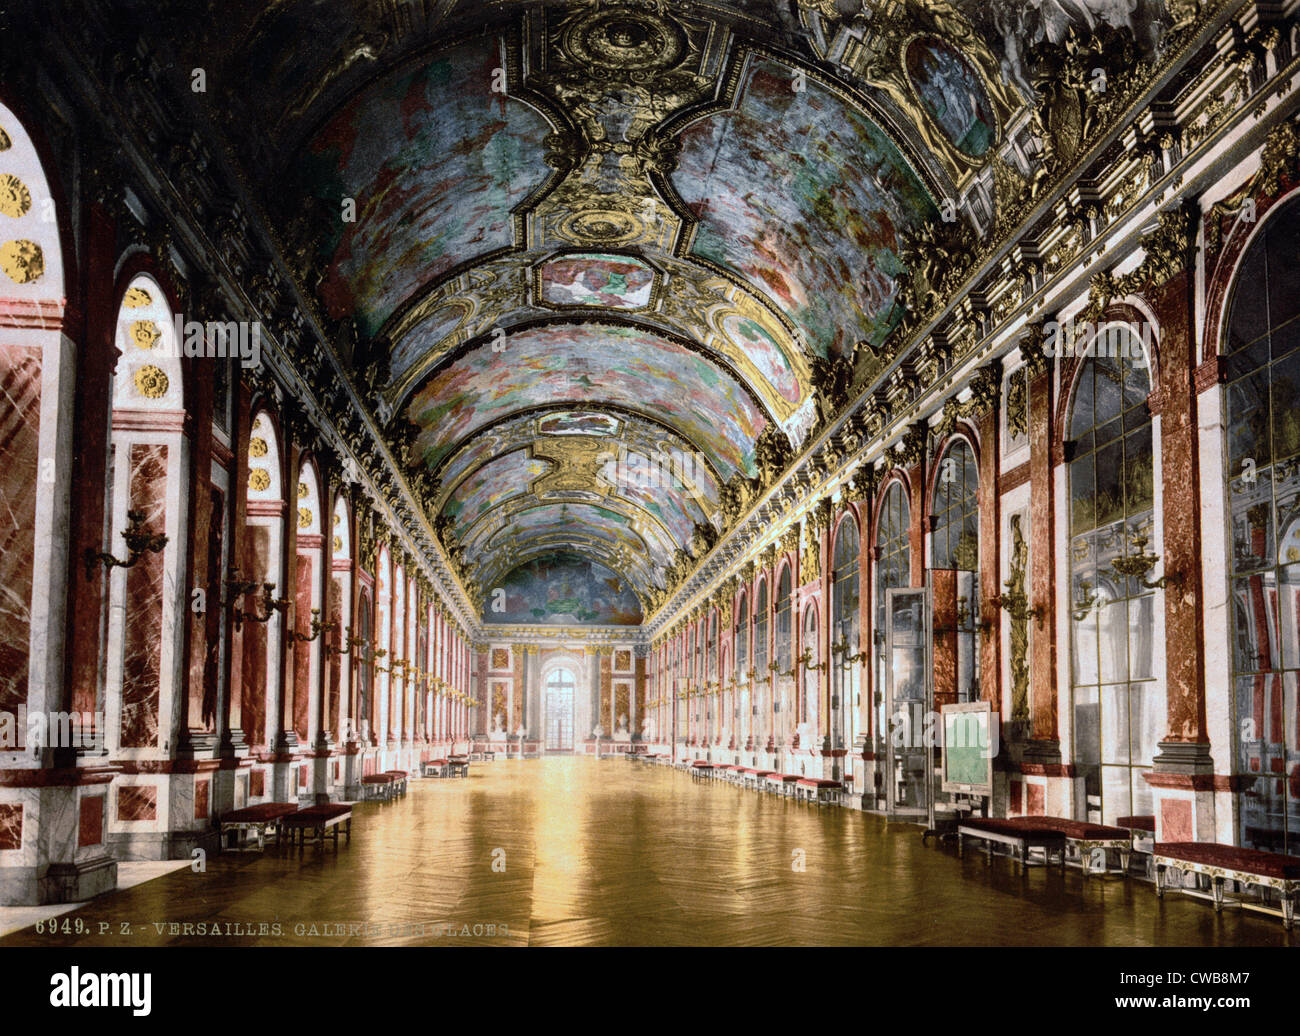 Weltkrieg Galerie Der Spiegel Schloss Versailles Frankreich Das